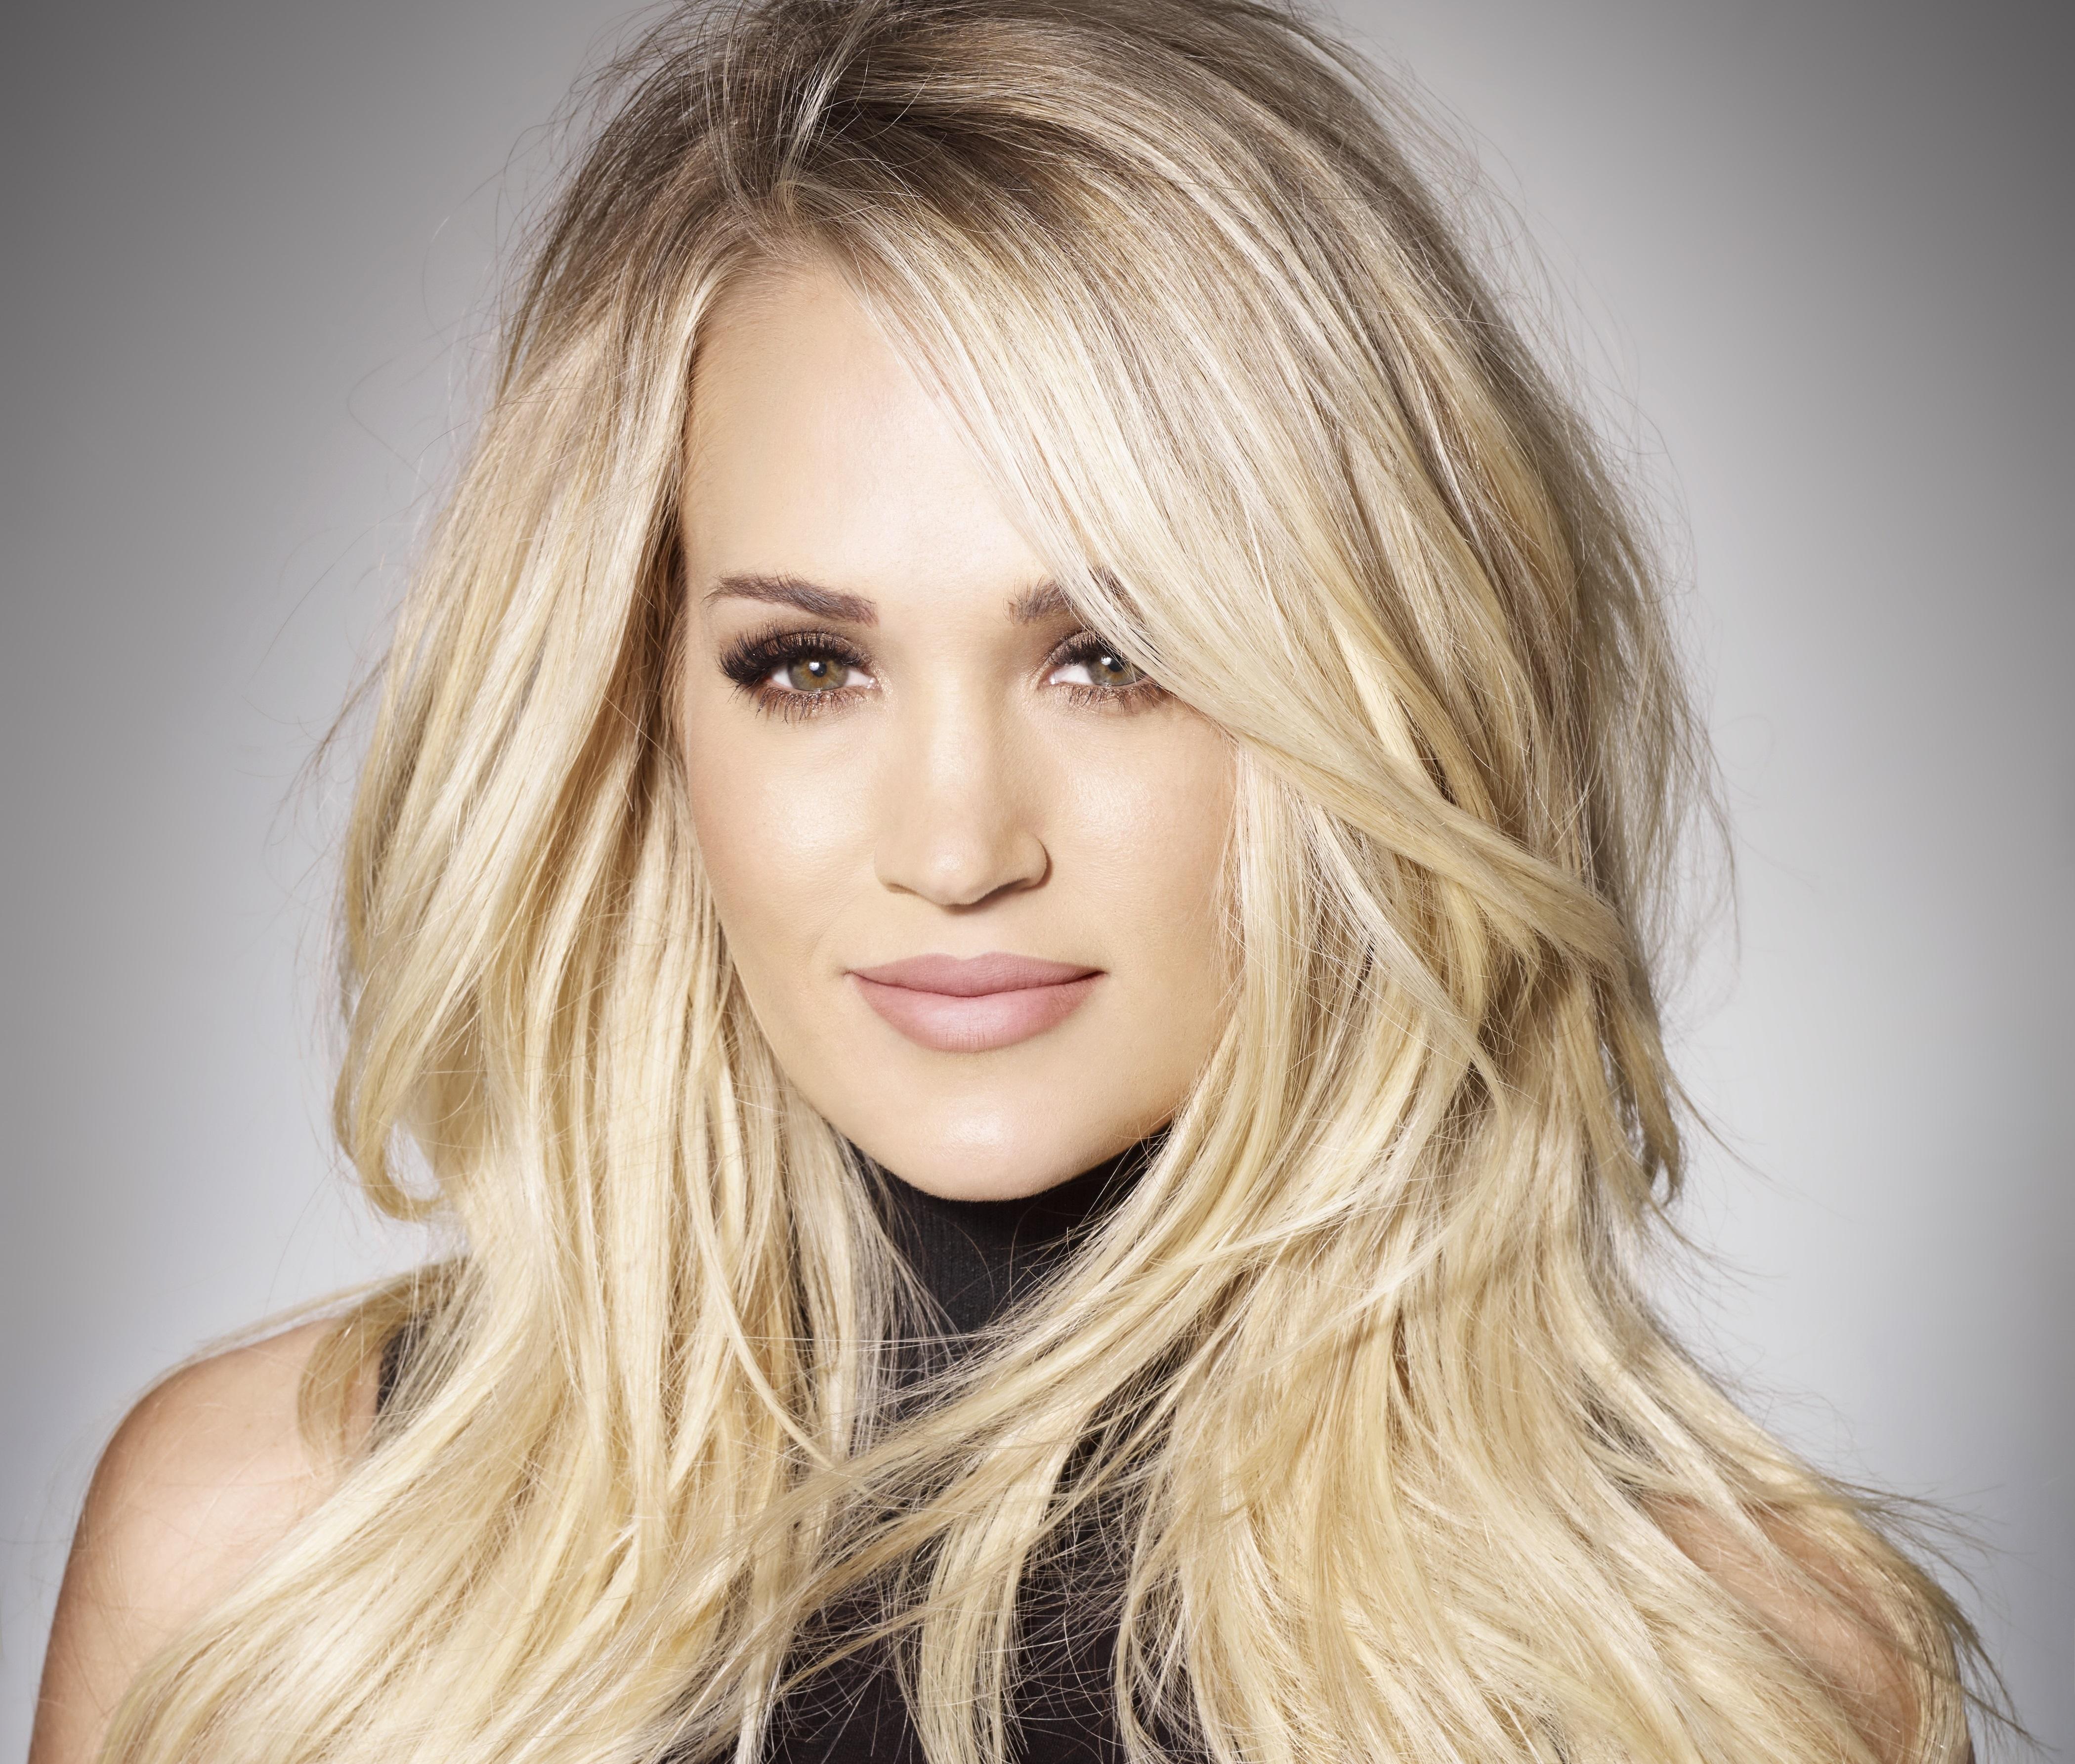 Fullsize Of Carrie Underwood No Makeup